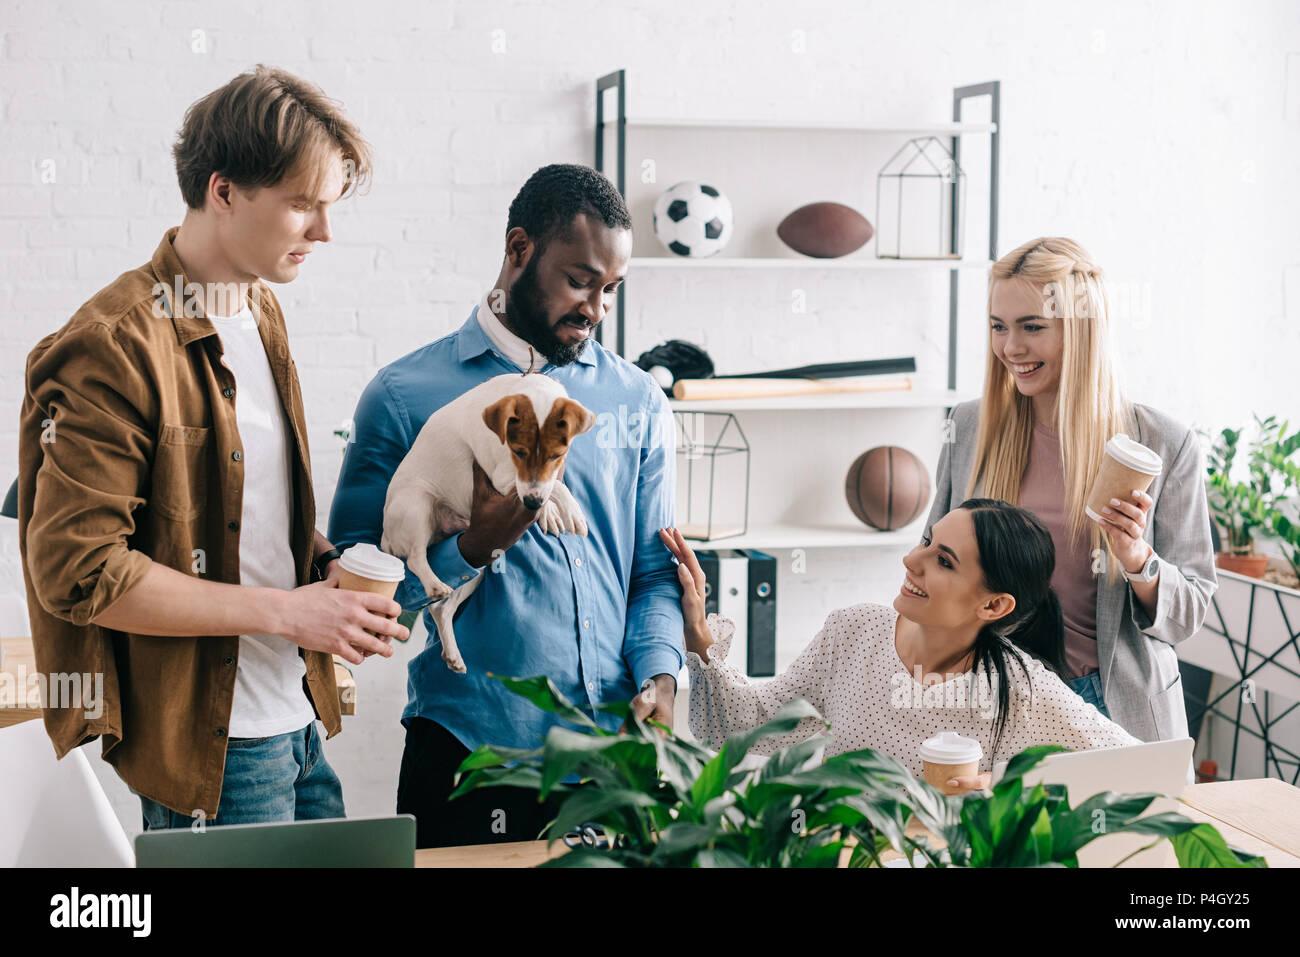 Afrikanische amerikanische Geschäftsmann holding Jack Russell Terrier und lächelnd Kollegen in der Nähe von ständigen Stockbild